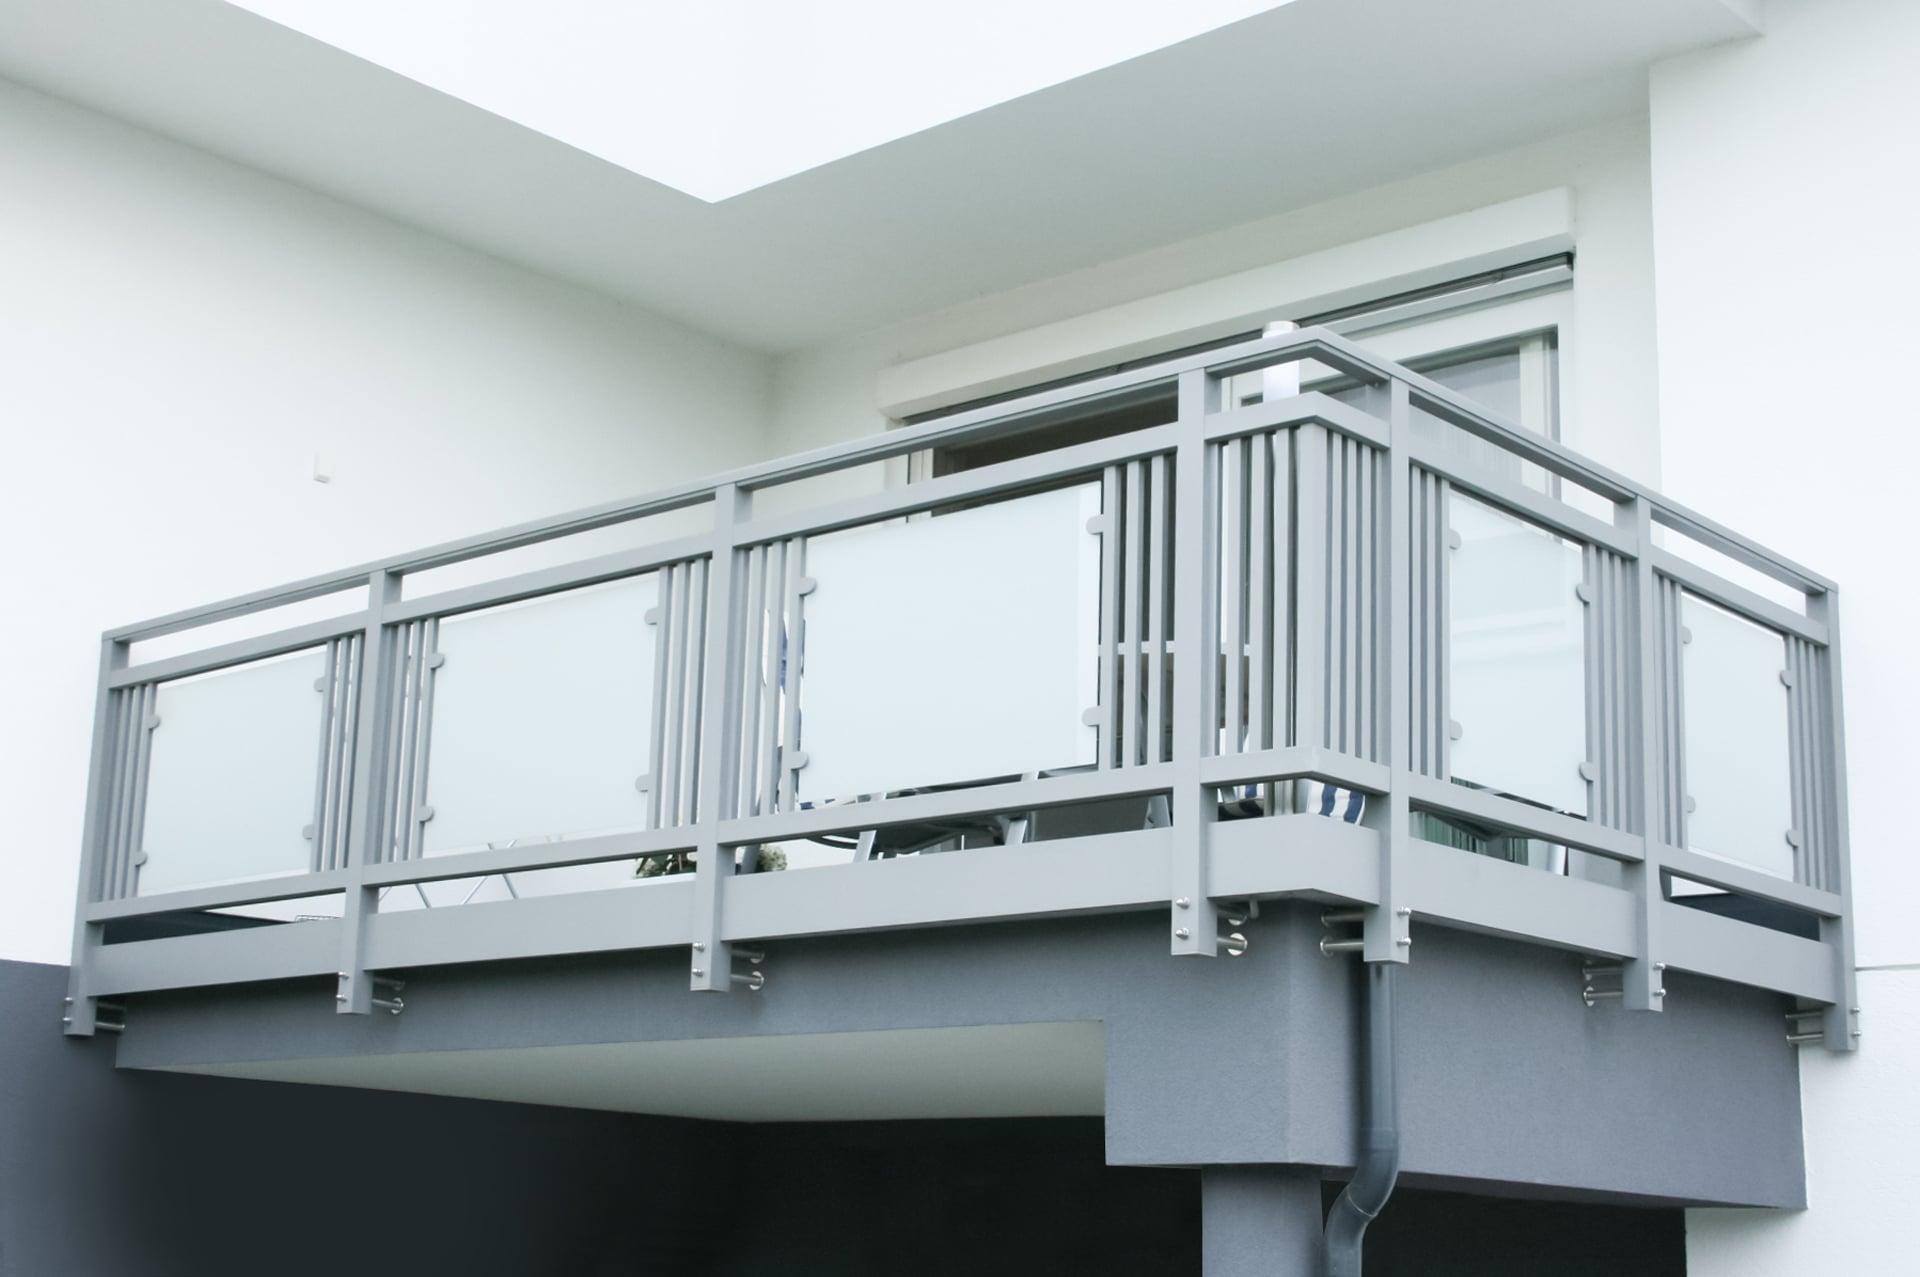 Leoben 11   Alu-Glas-Balkon stirnseitig auf Vorderseite befestigt, Alu-Verblendung glatt   Svoboda